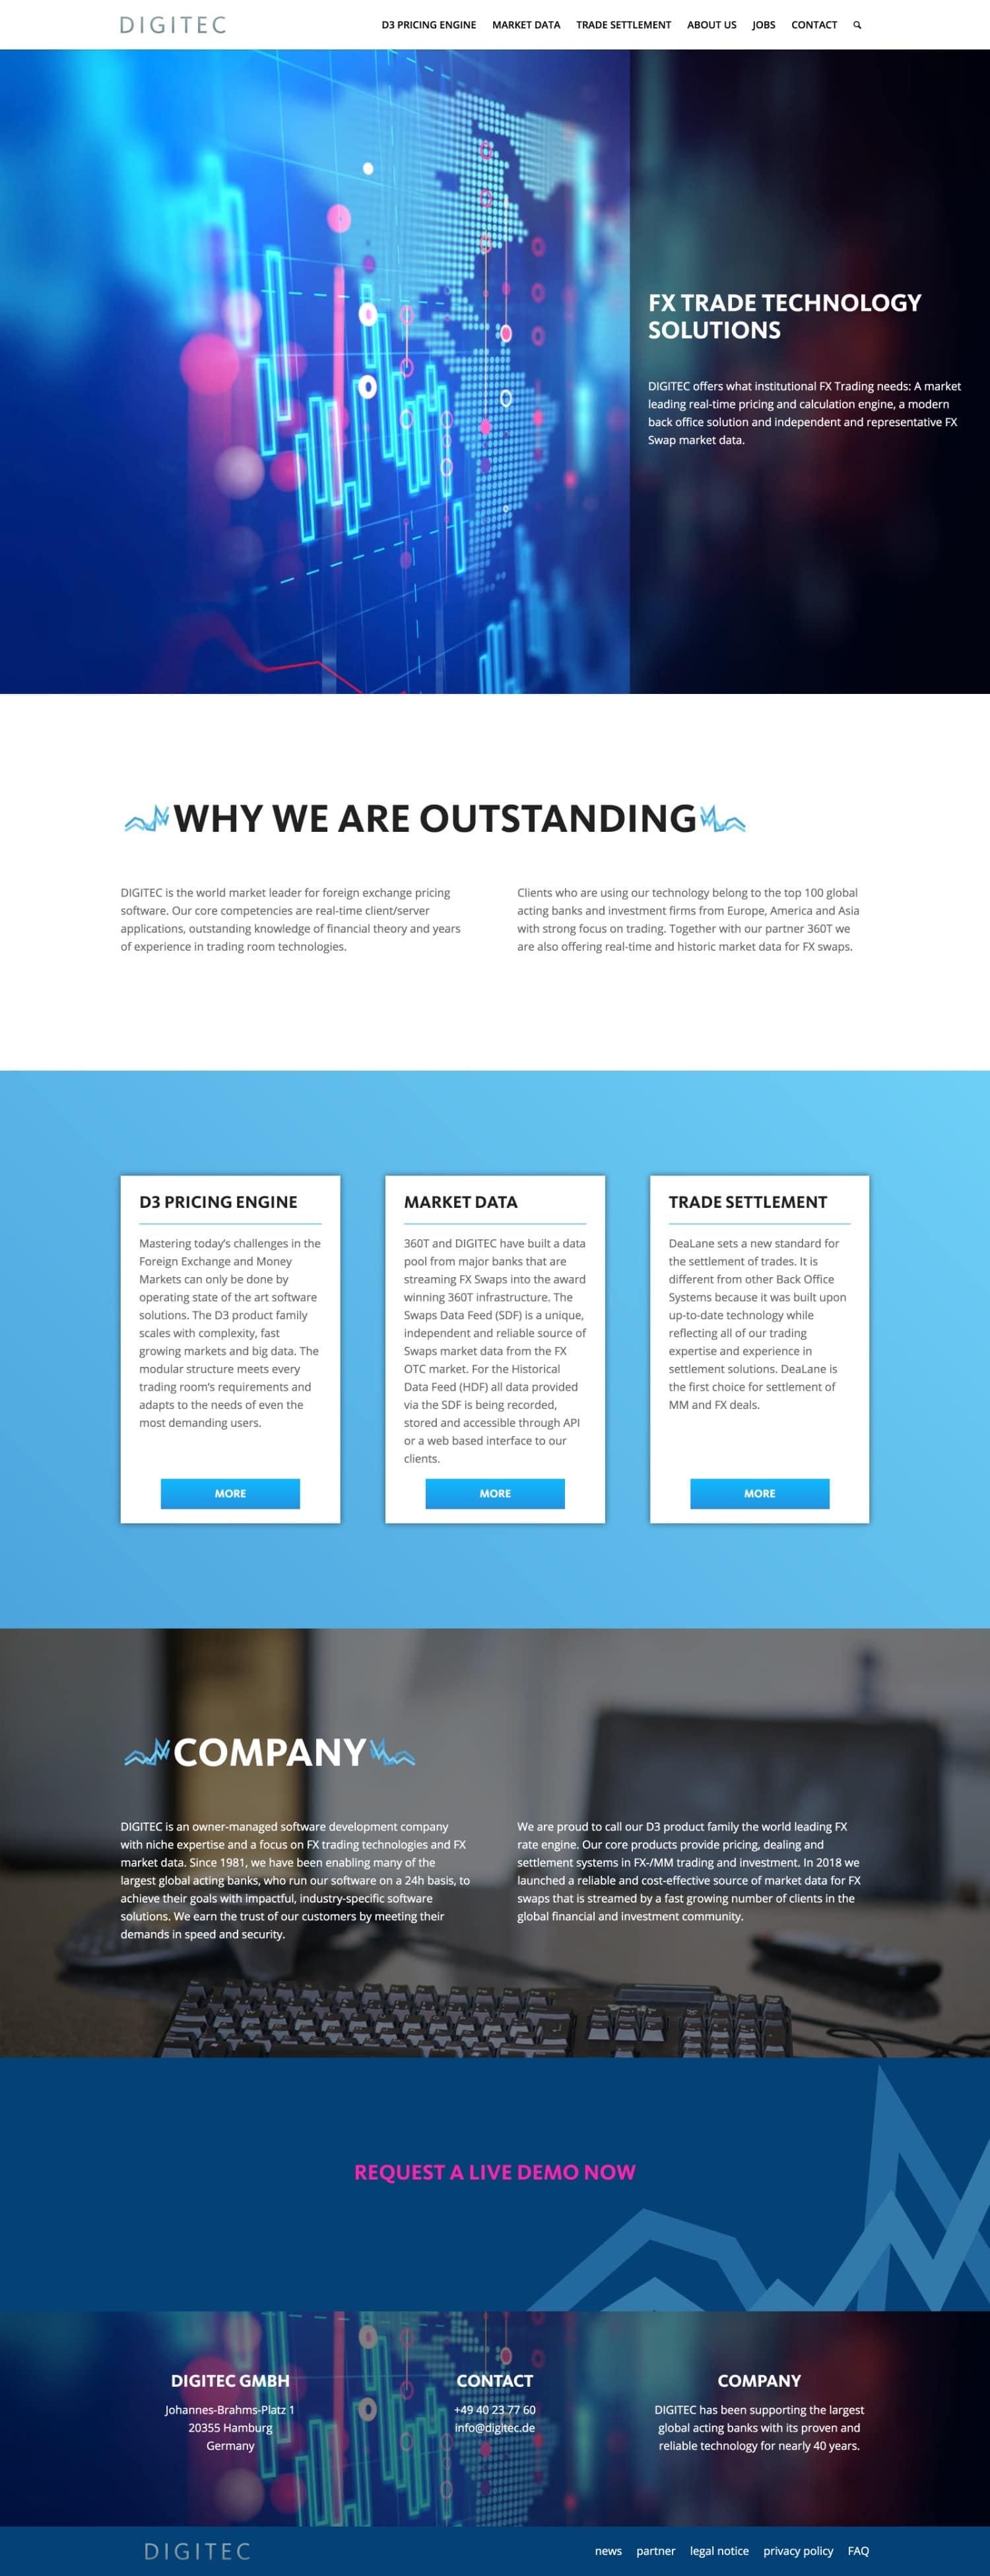 DIGITEC Website